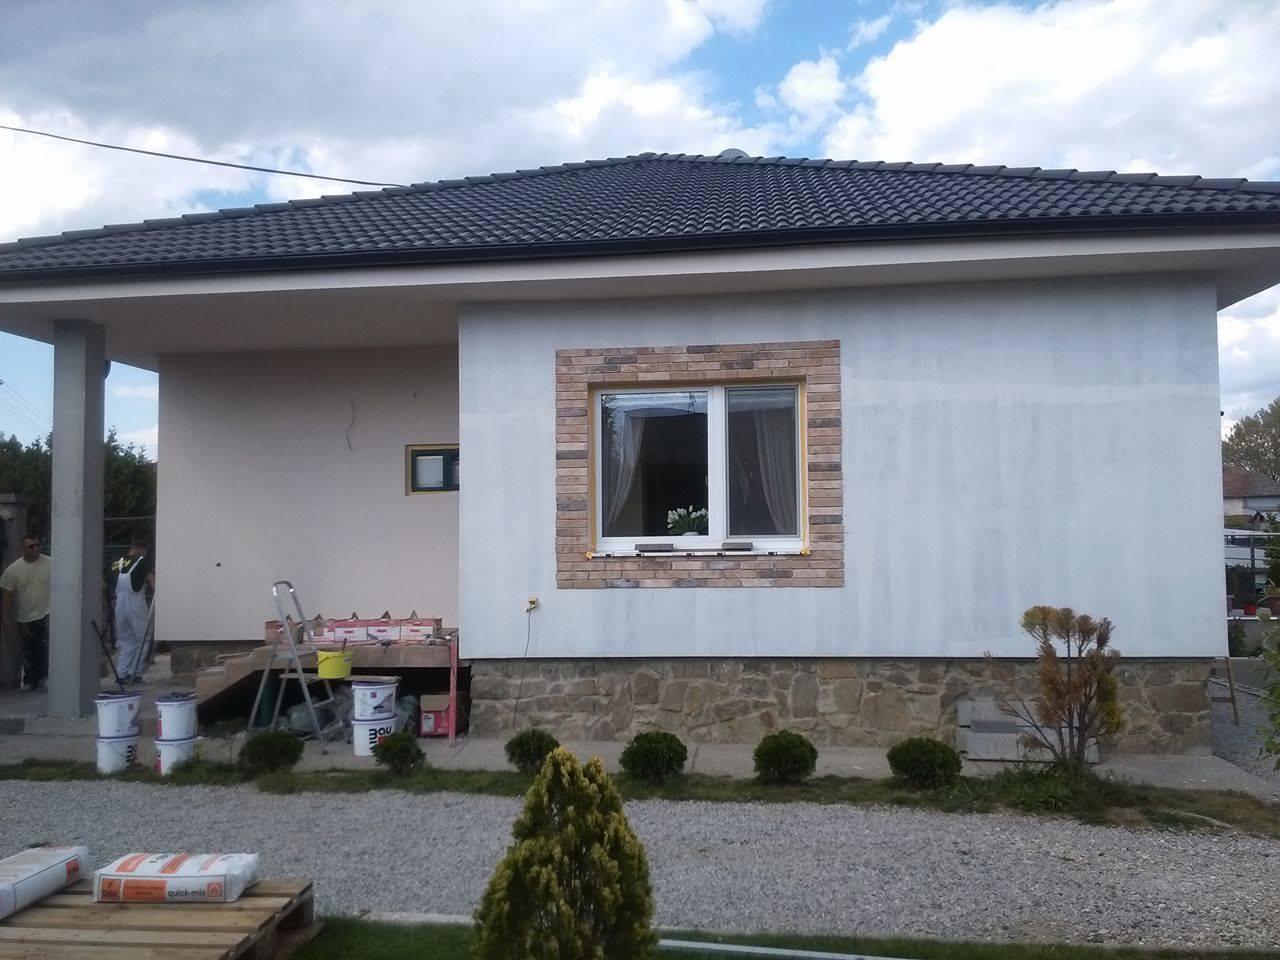 Premena nášho domu - Pred vchodom už aj s farbou